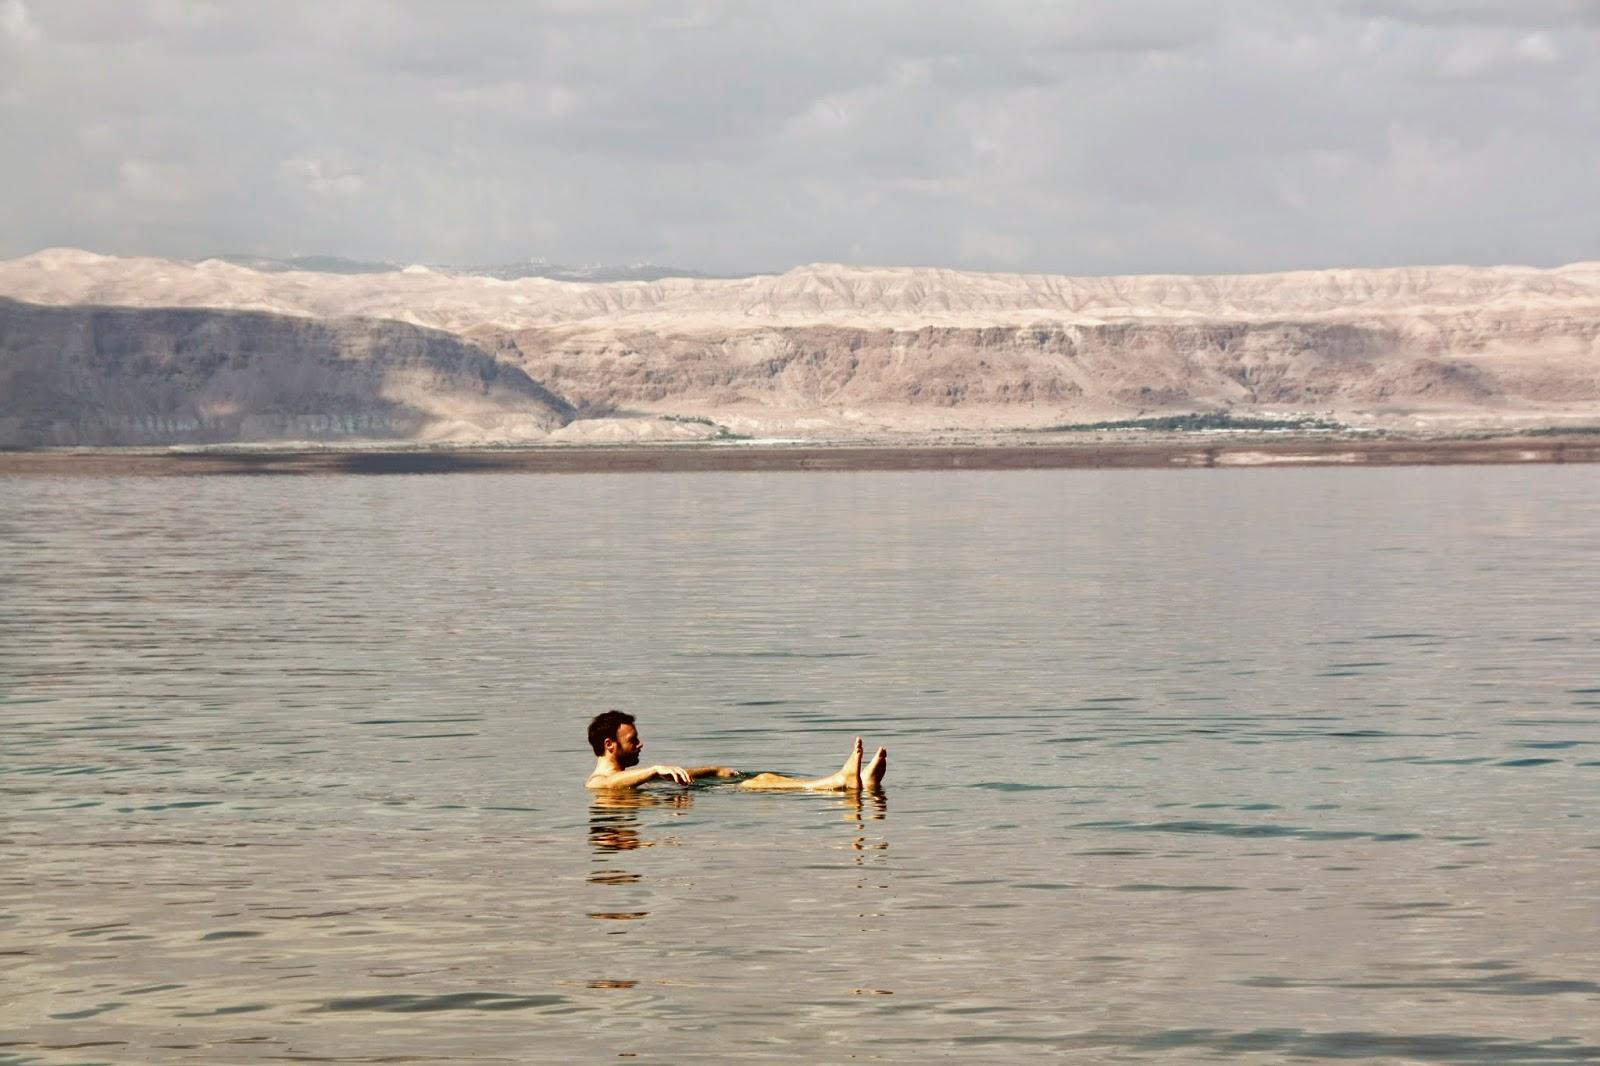 Baño en el Mar Muerto, Israel al fondo.